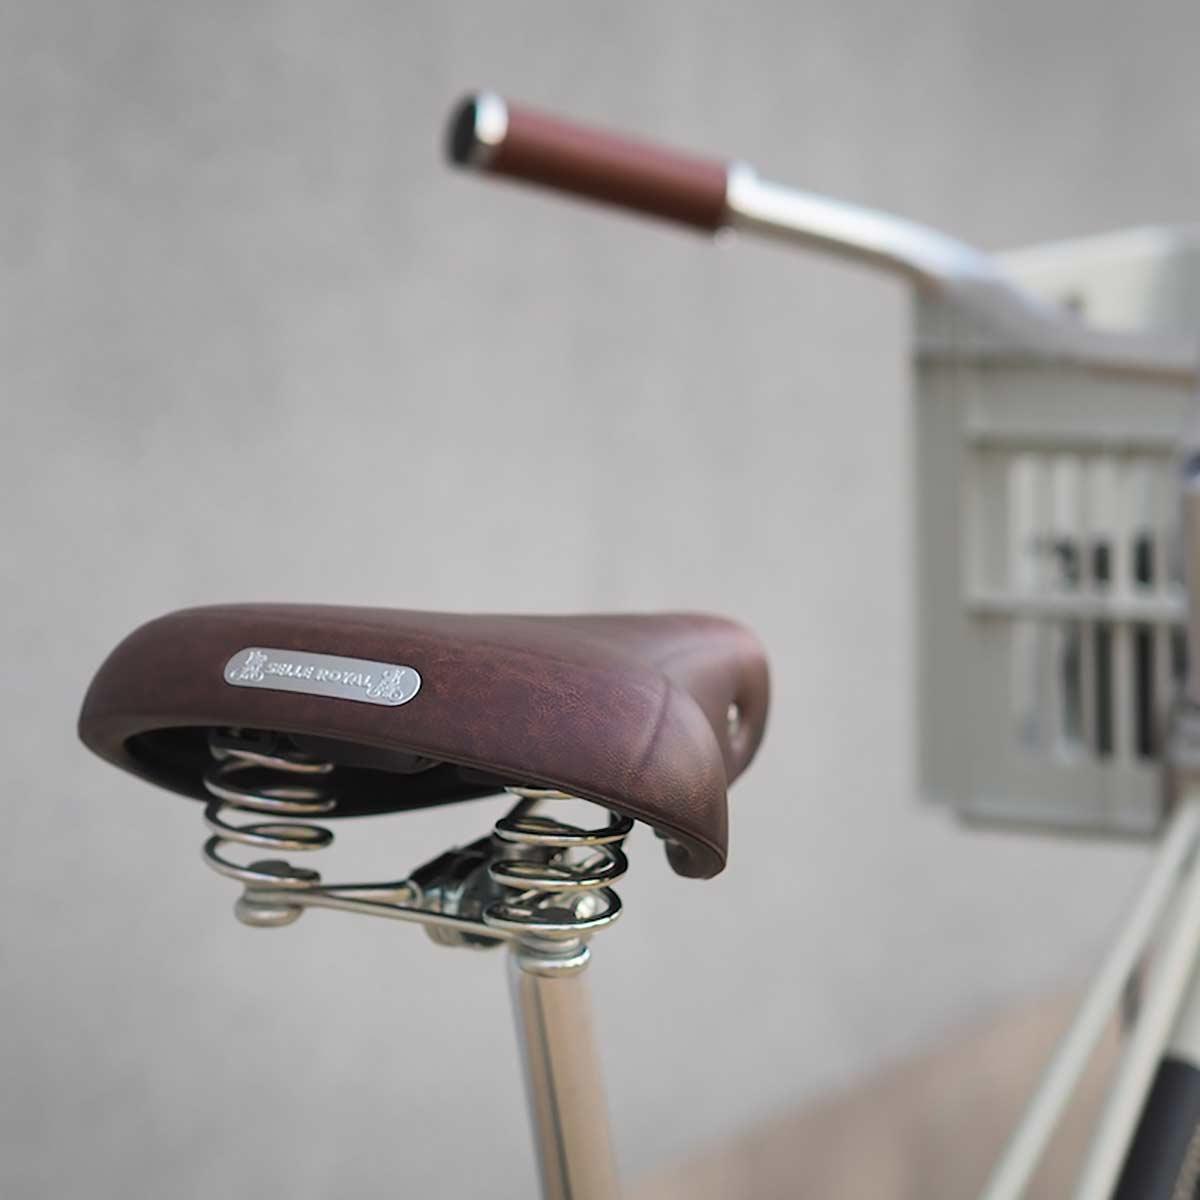 Sí, aunque no lo parezca, la Velotton Road es una bicicleta eléctrica WIFI